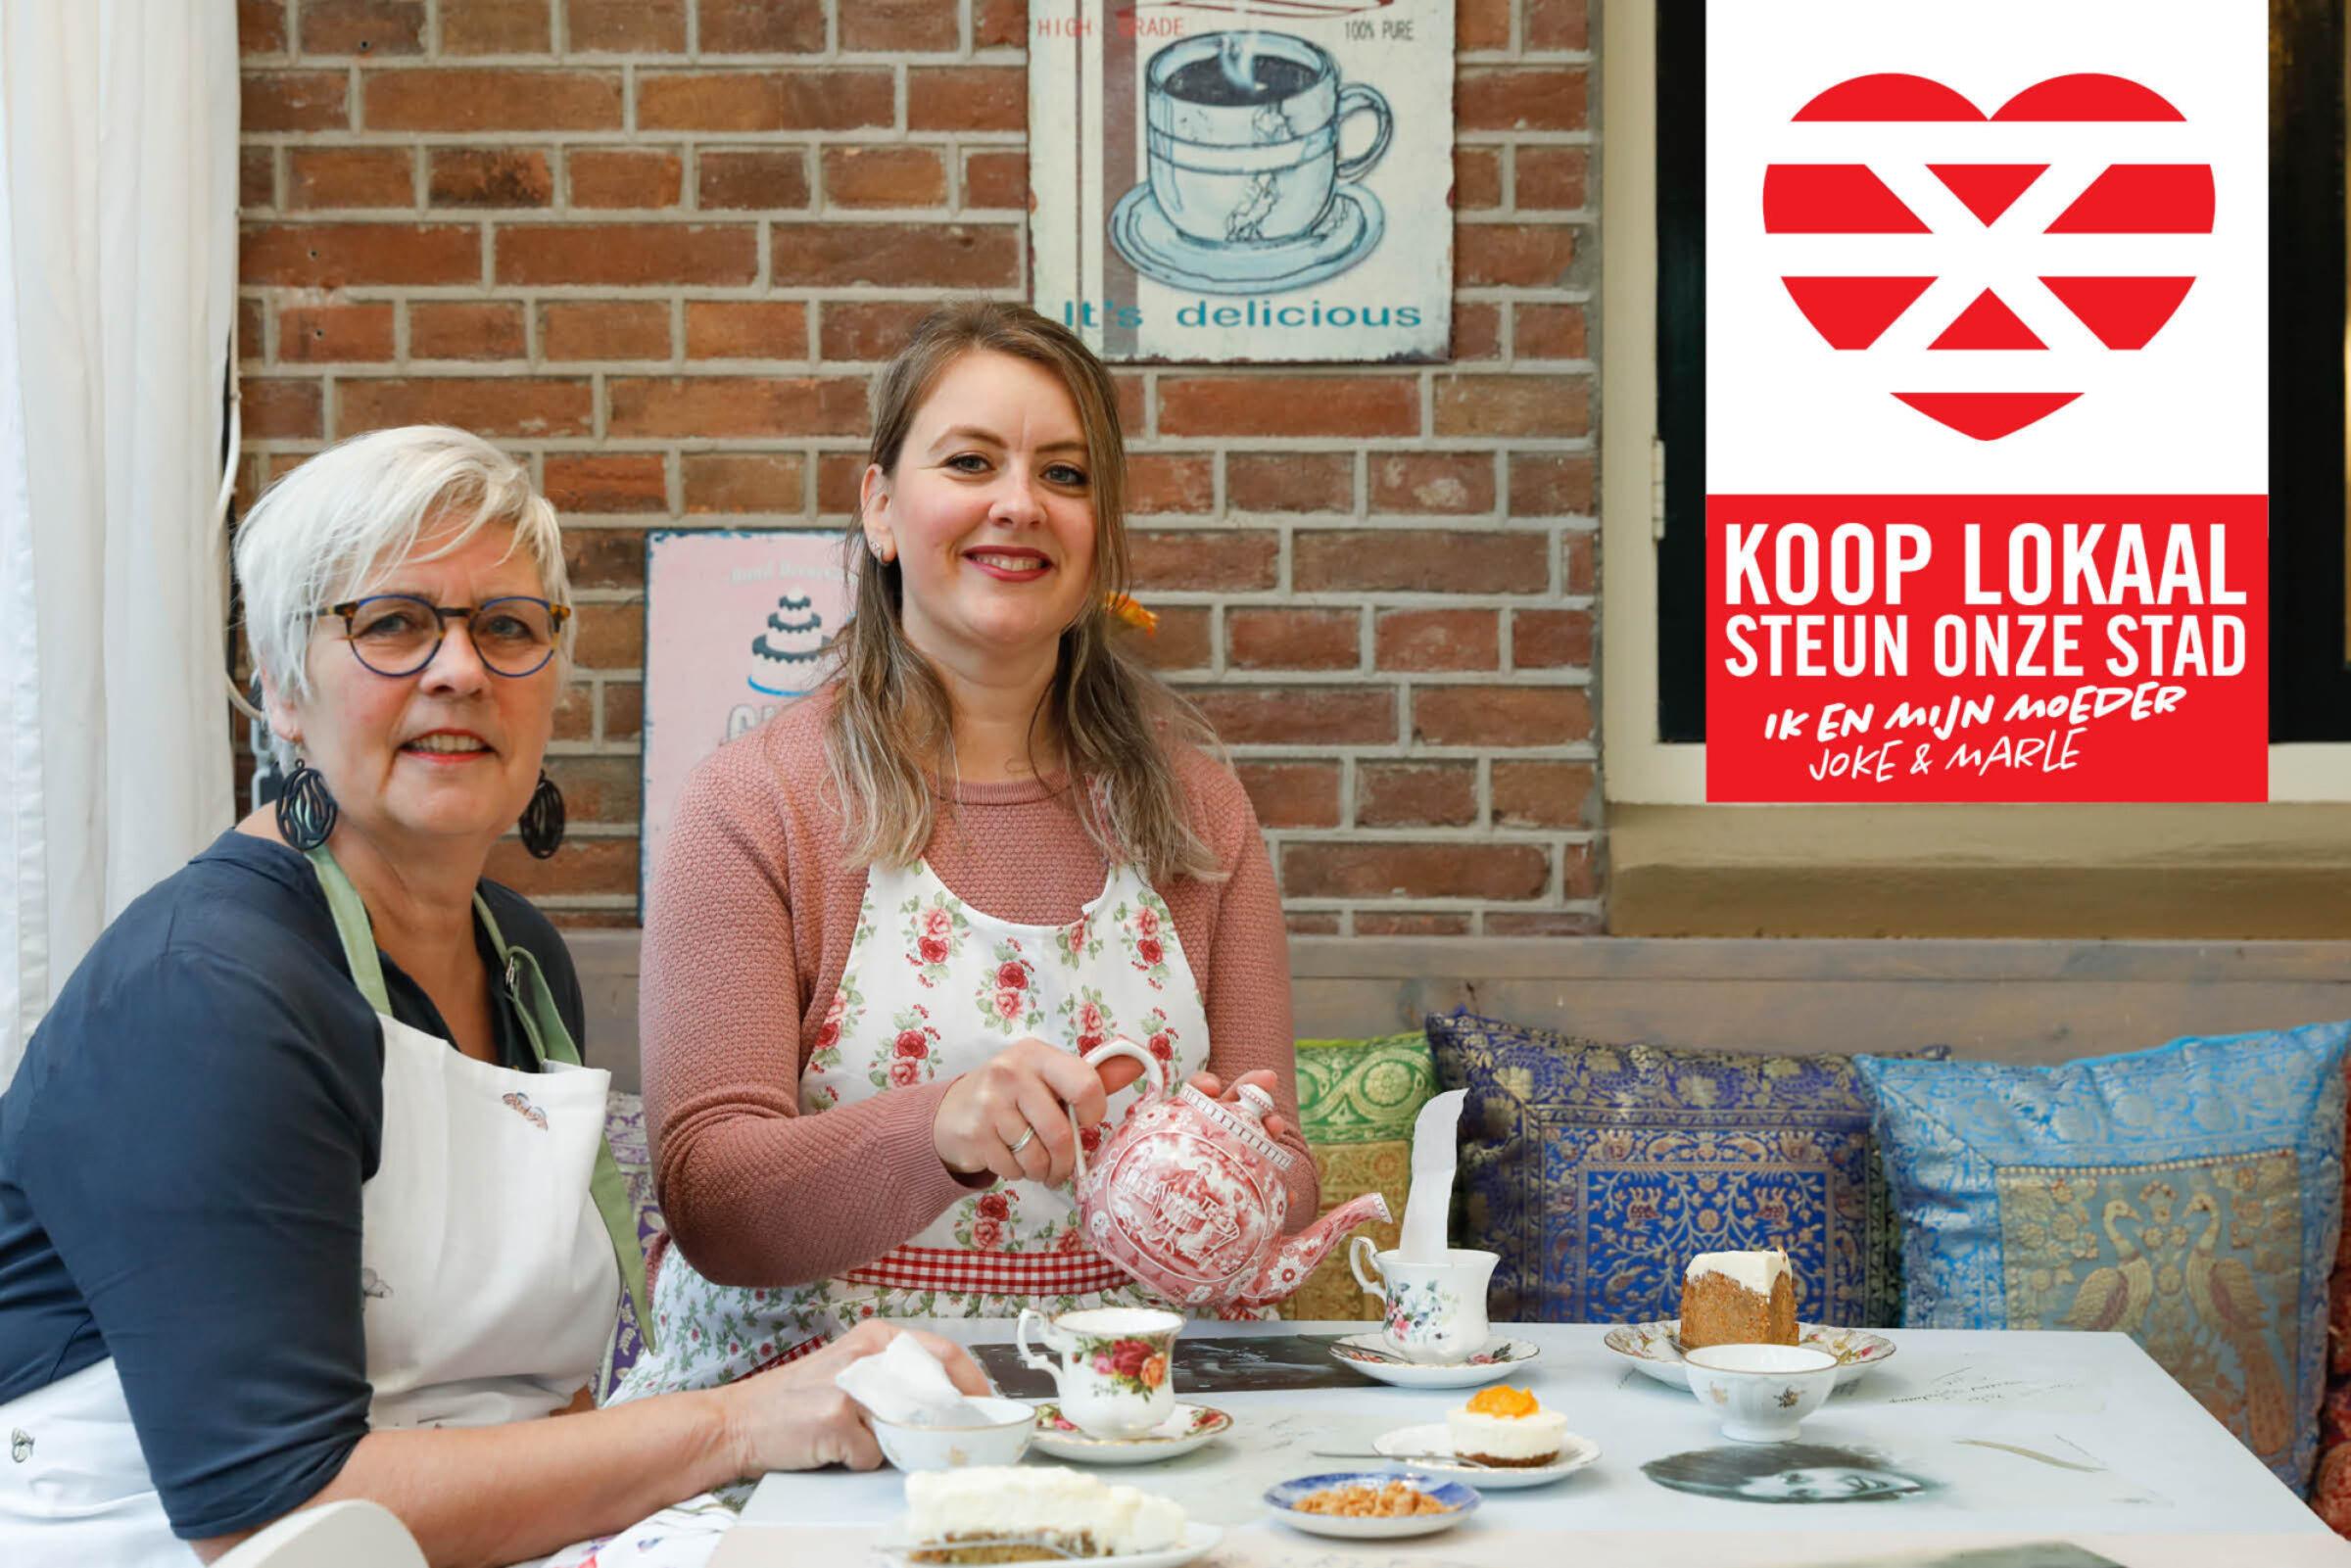 Steun onze stad Koop lokaal Enschede Theetuin Ik Mijn moeder Joke Marle